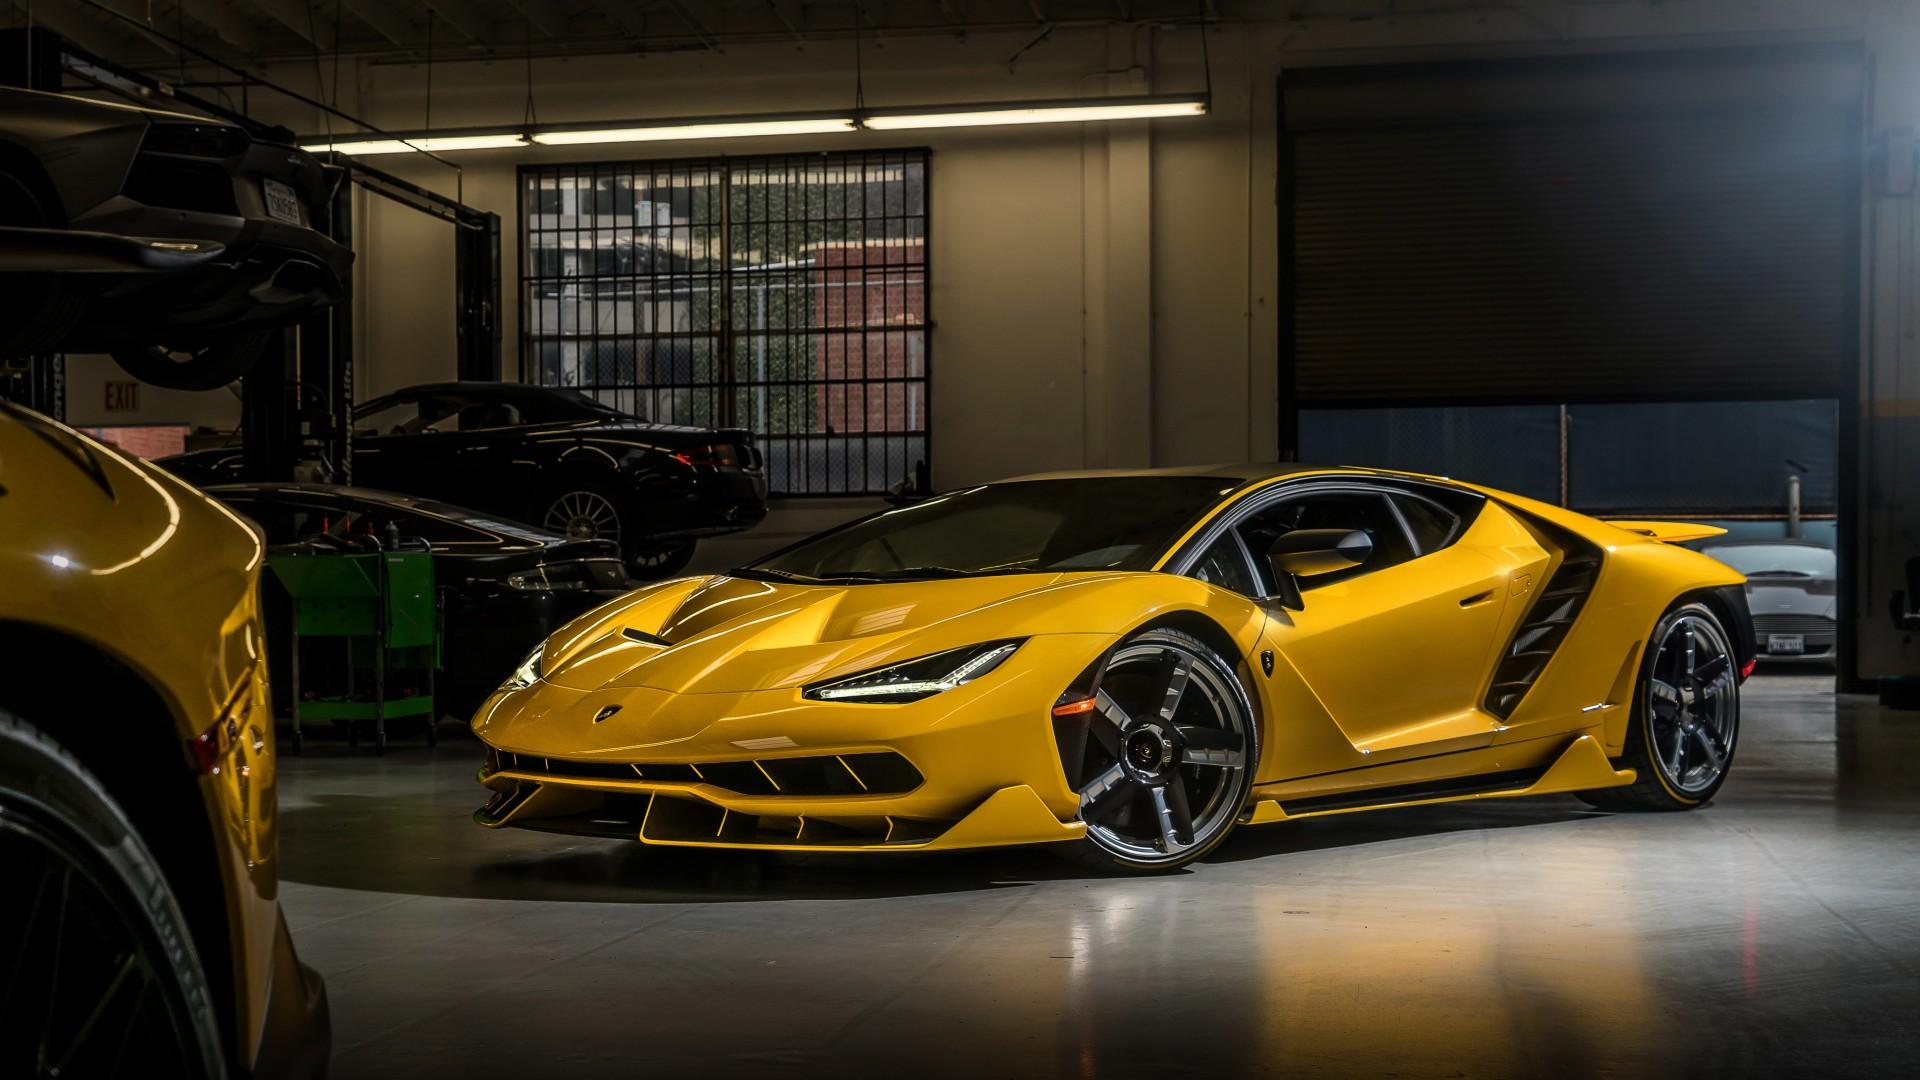 Car Wallpaper Hd Iphone 4 Lamborghini Centenario Coupe 4k Wallpaper Hd Car